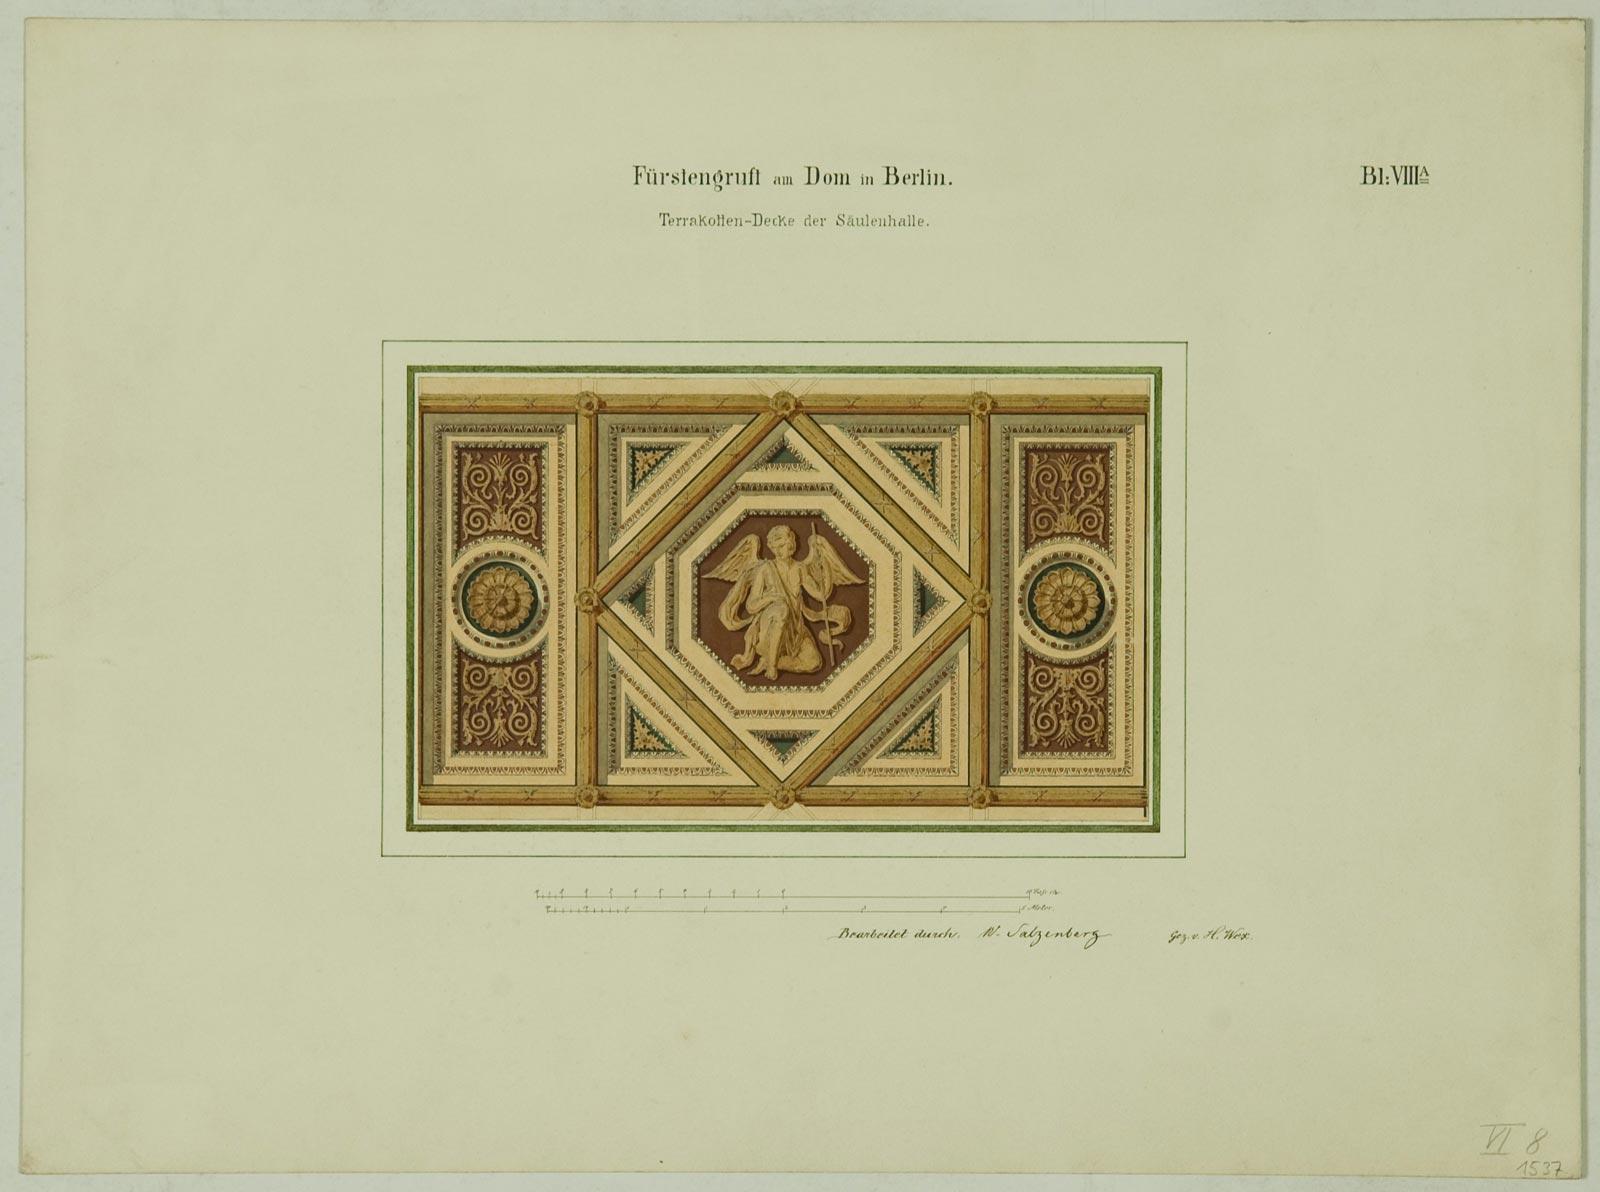 Erstes Stülerprojekt für einen Domneubau, Terrakottendecke der Säulenhalle der Fürstengruft, um 1848 (Bestand 18, Nr.1537).